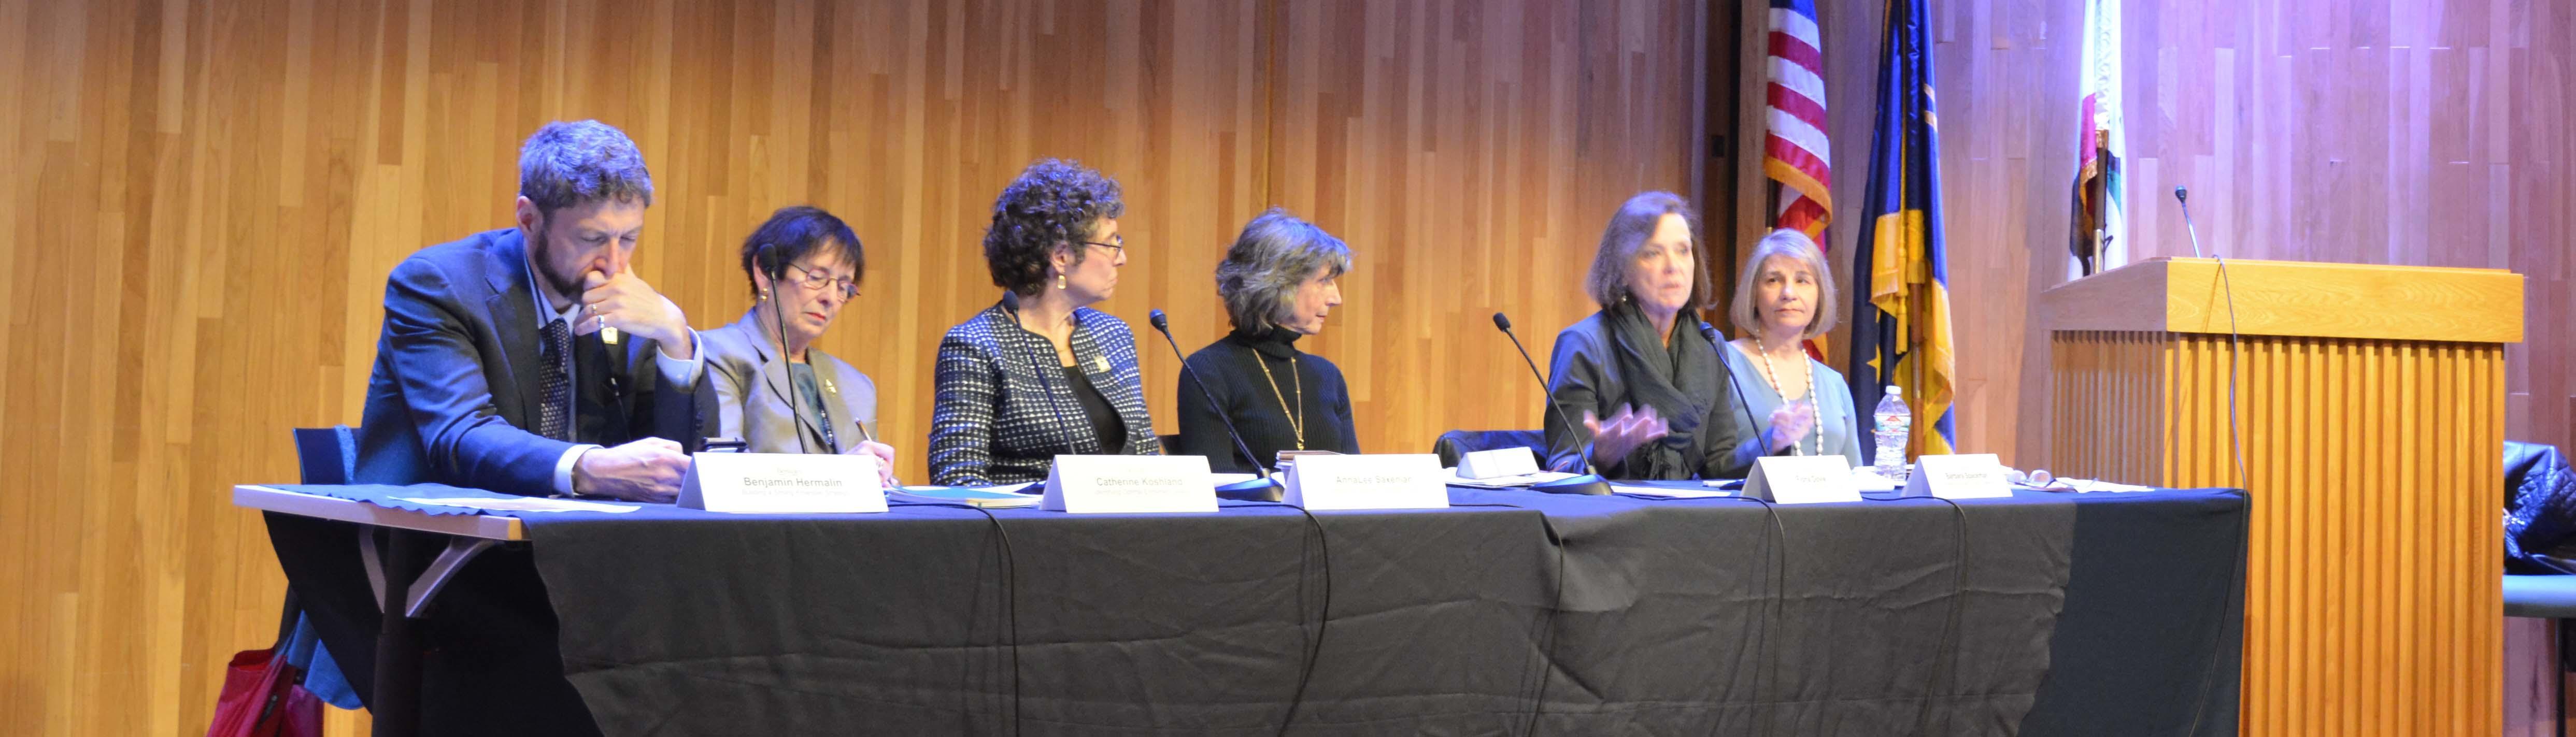 Berkeley leaders at town hall